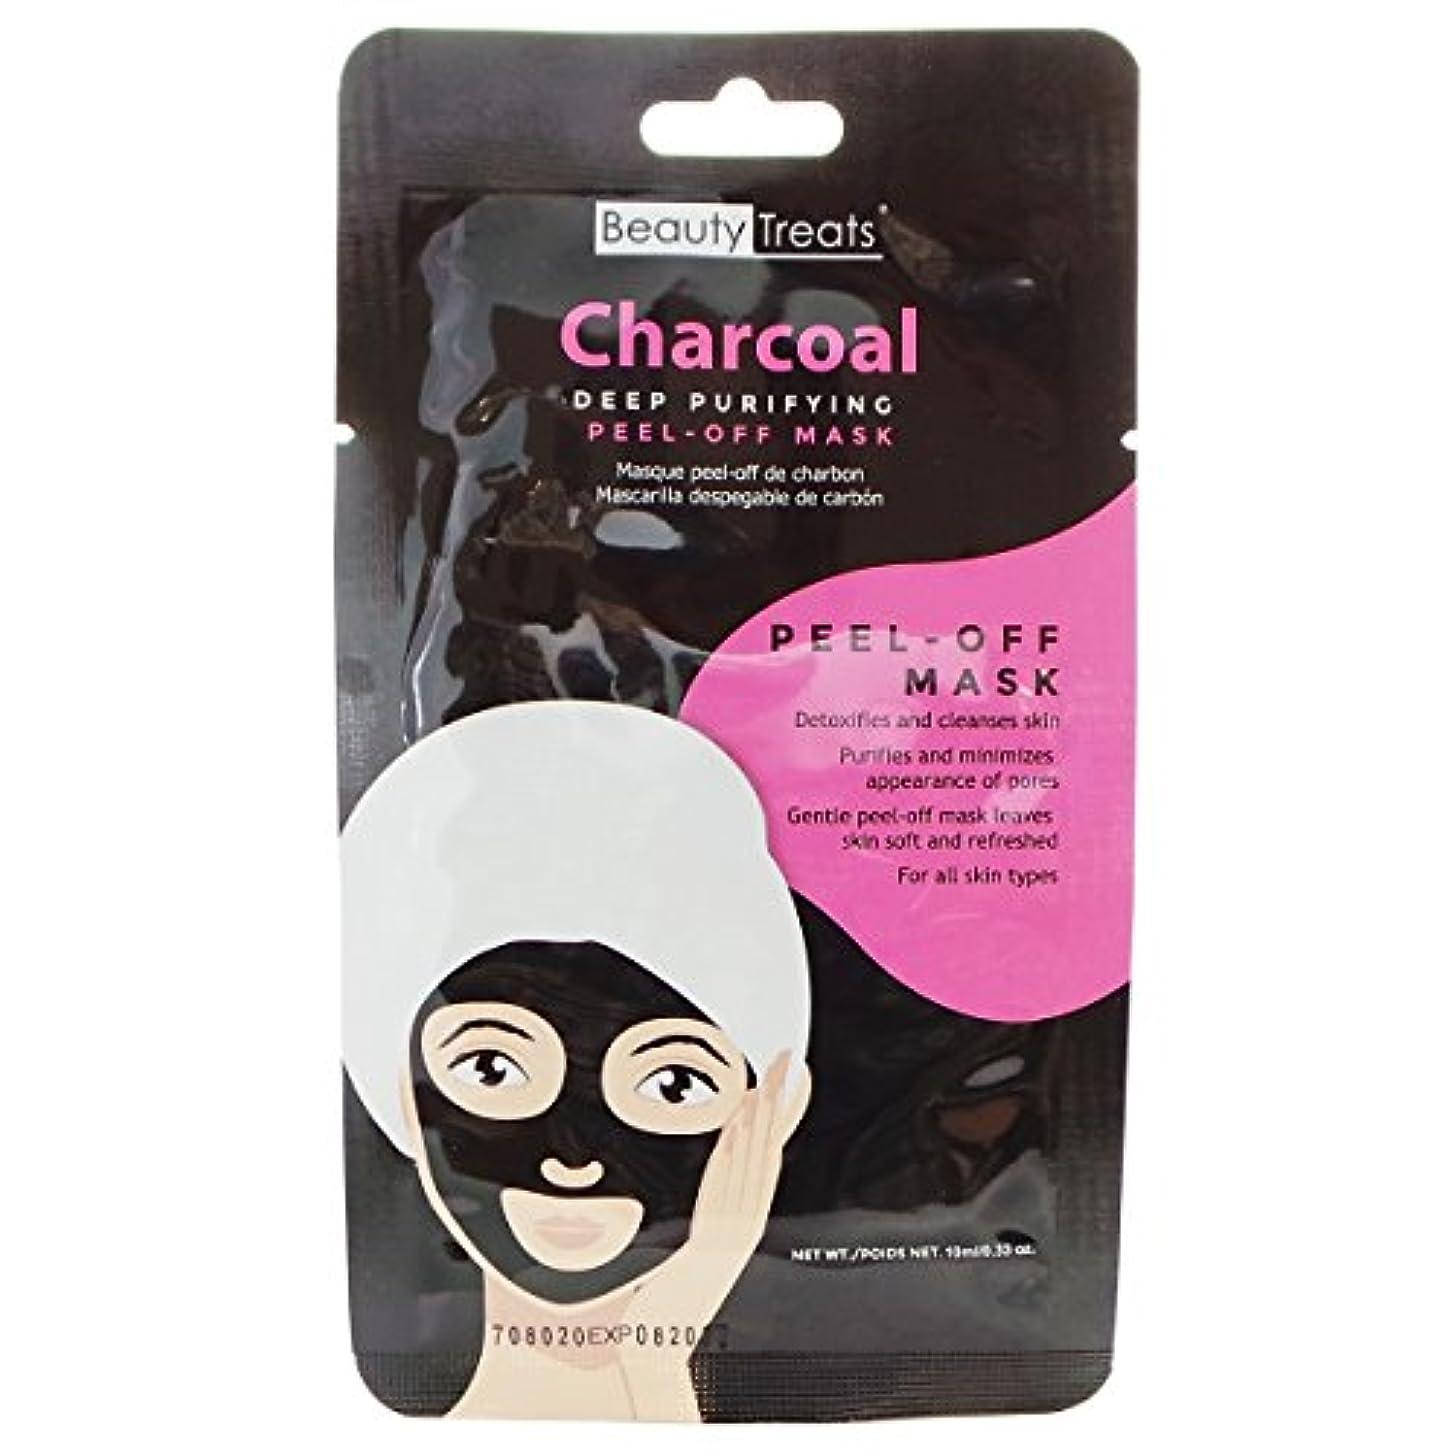 肥料粘液カルシウム(3 Pack) BEAUTY TREATS Deep Purifying Peel-Off Charcoal Mask (並行輸入品)